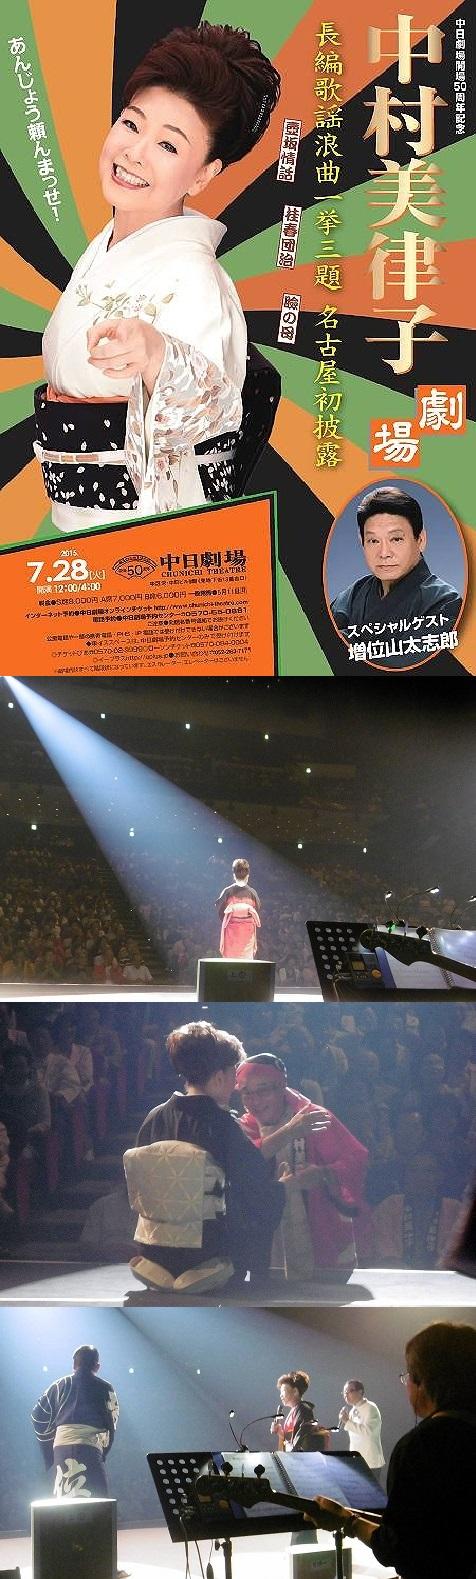 20150728中日劇場